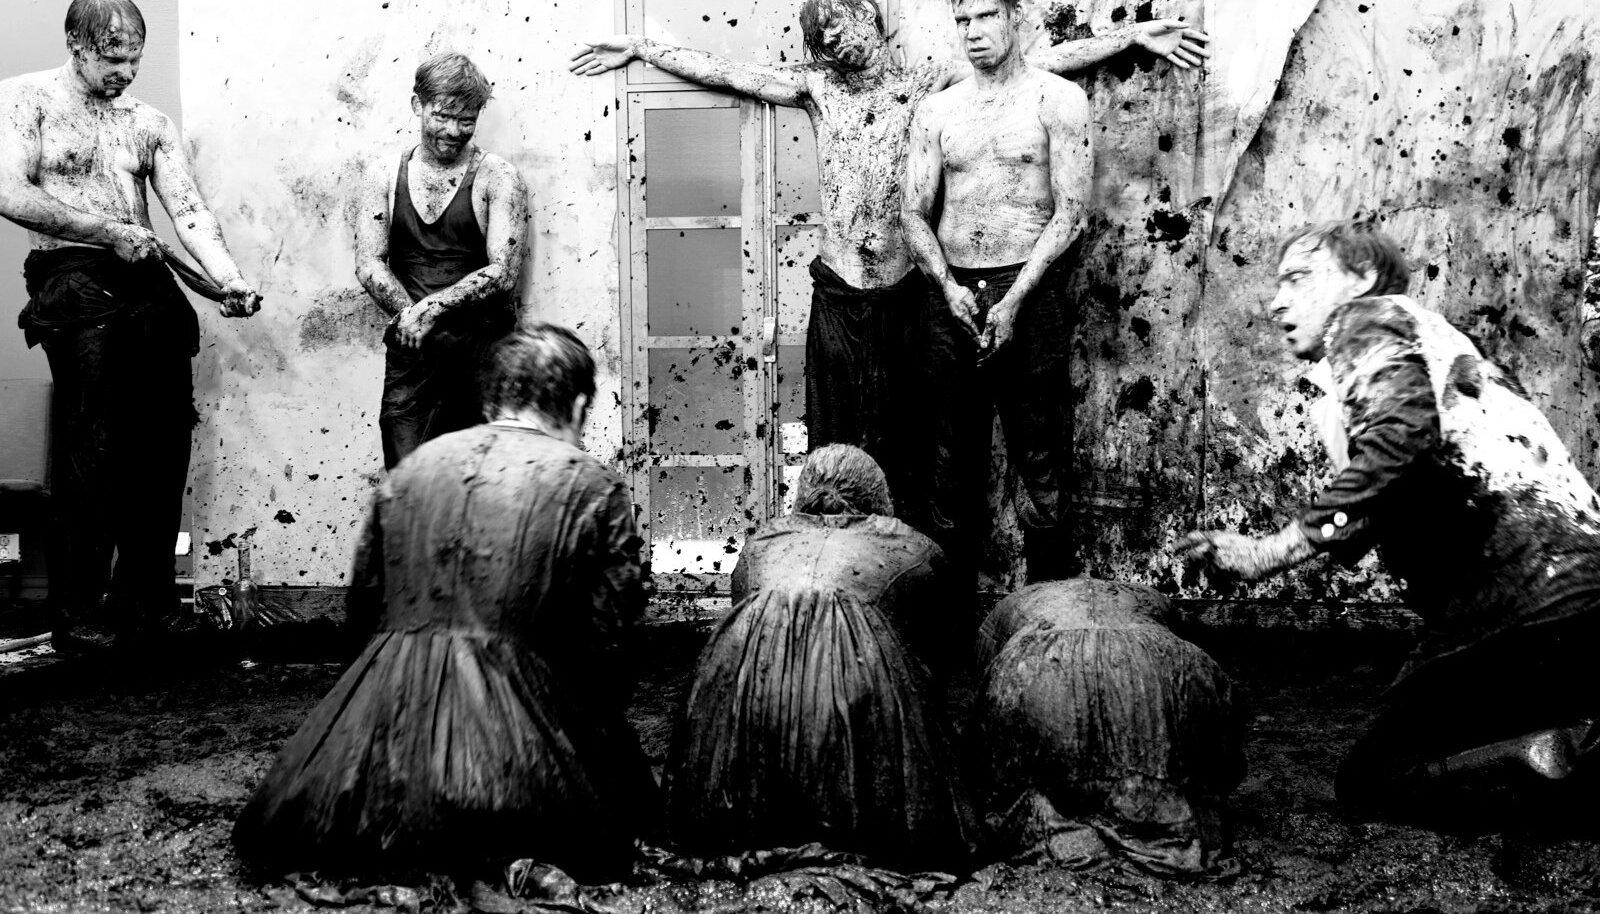 """▲ """"Praise the Lord!"""" hüüab mass NO teatri lavale ehitatud tsivilisatsiooni mülkas, nii eluski. On XXI sajand. Vahemaad on jäänud väiksemaks ning kusagil siinsamas raiutakse maha päid ja loobitakse naisi kividega surnuks. Just praegu sünnib üks eesti laps ja just praegu peksab üks jõhkardist mees oma laste ema. Tsiviliseerituse õhuke, õhuke kiht."""